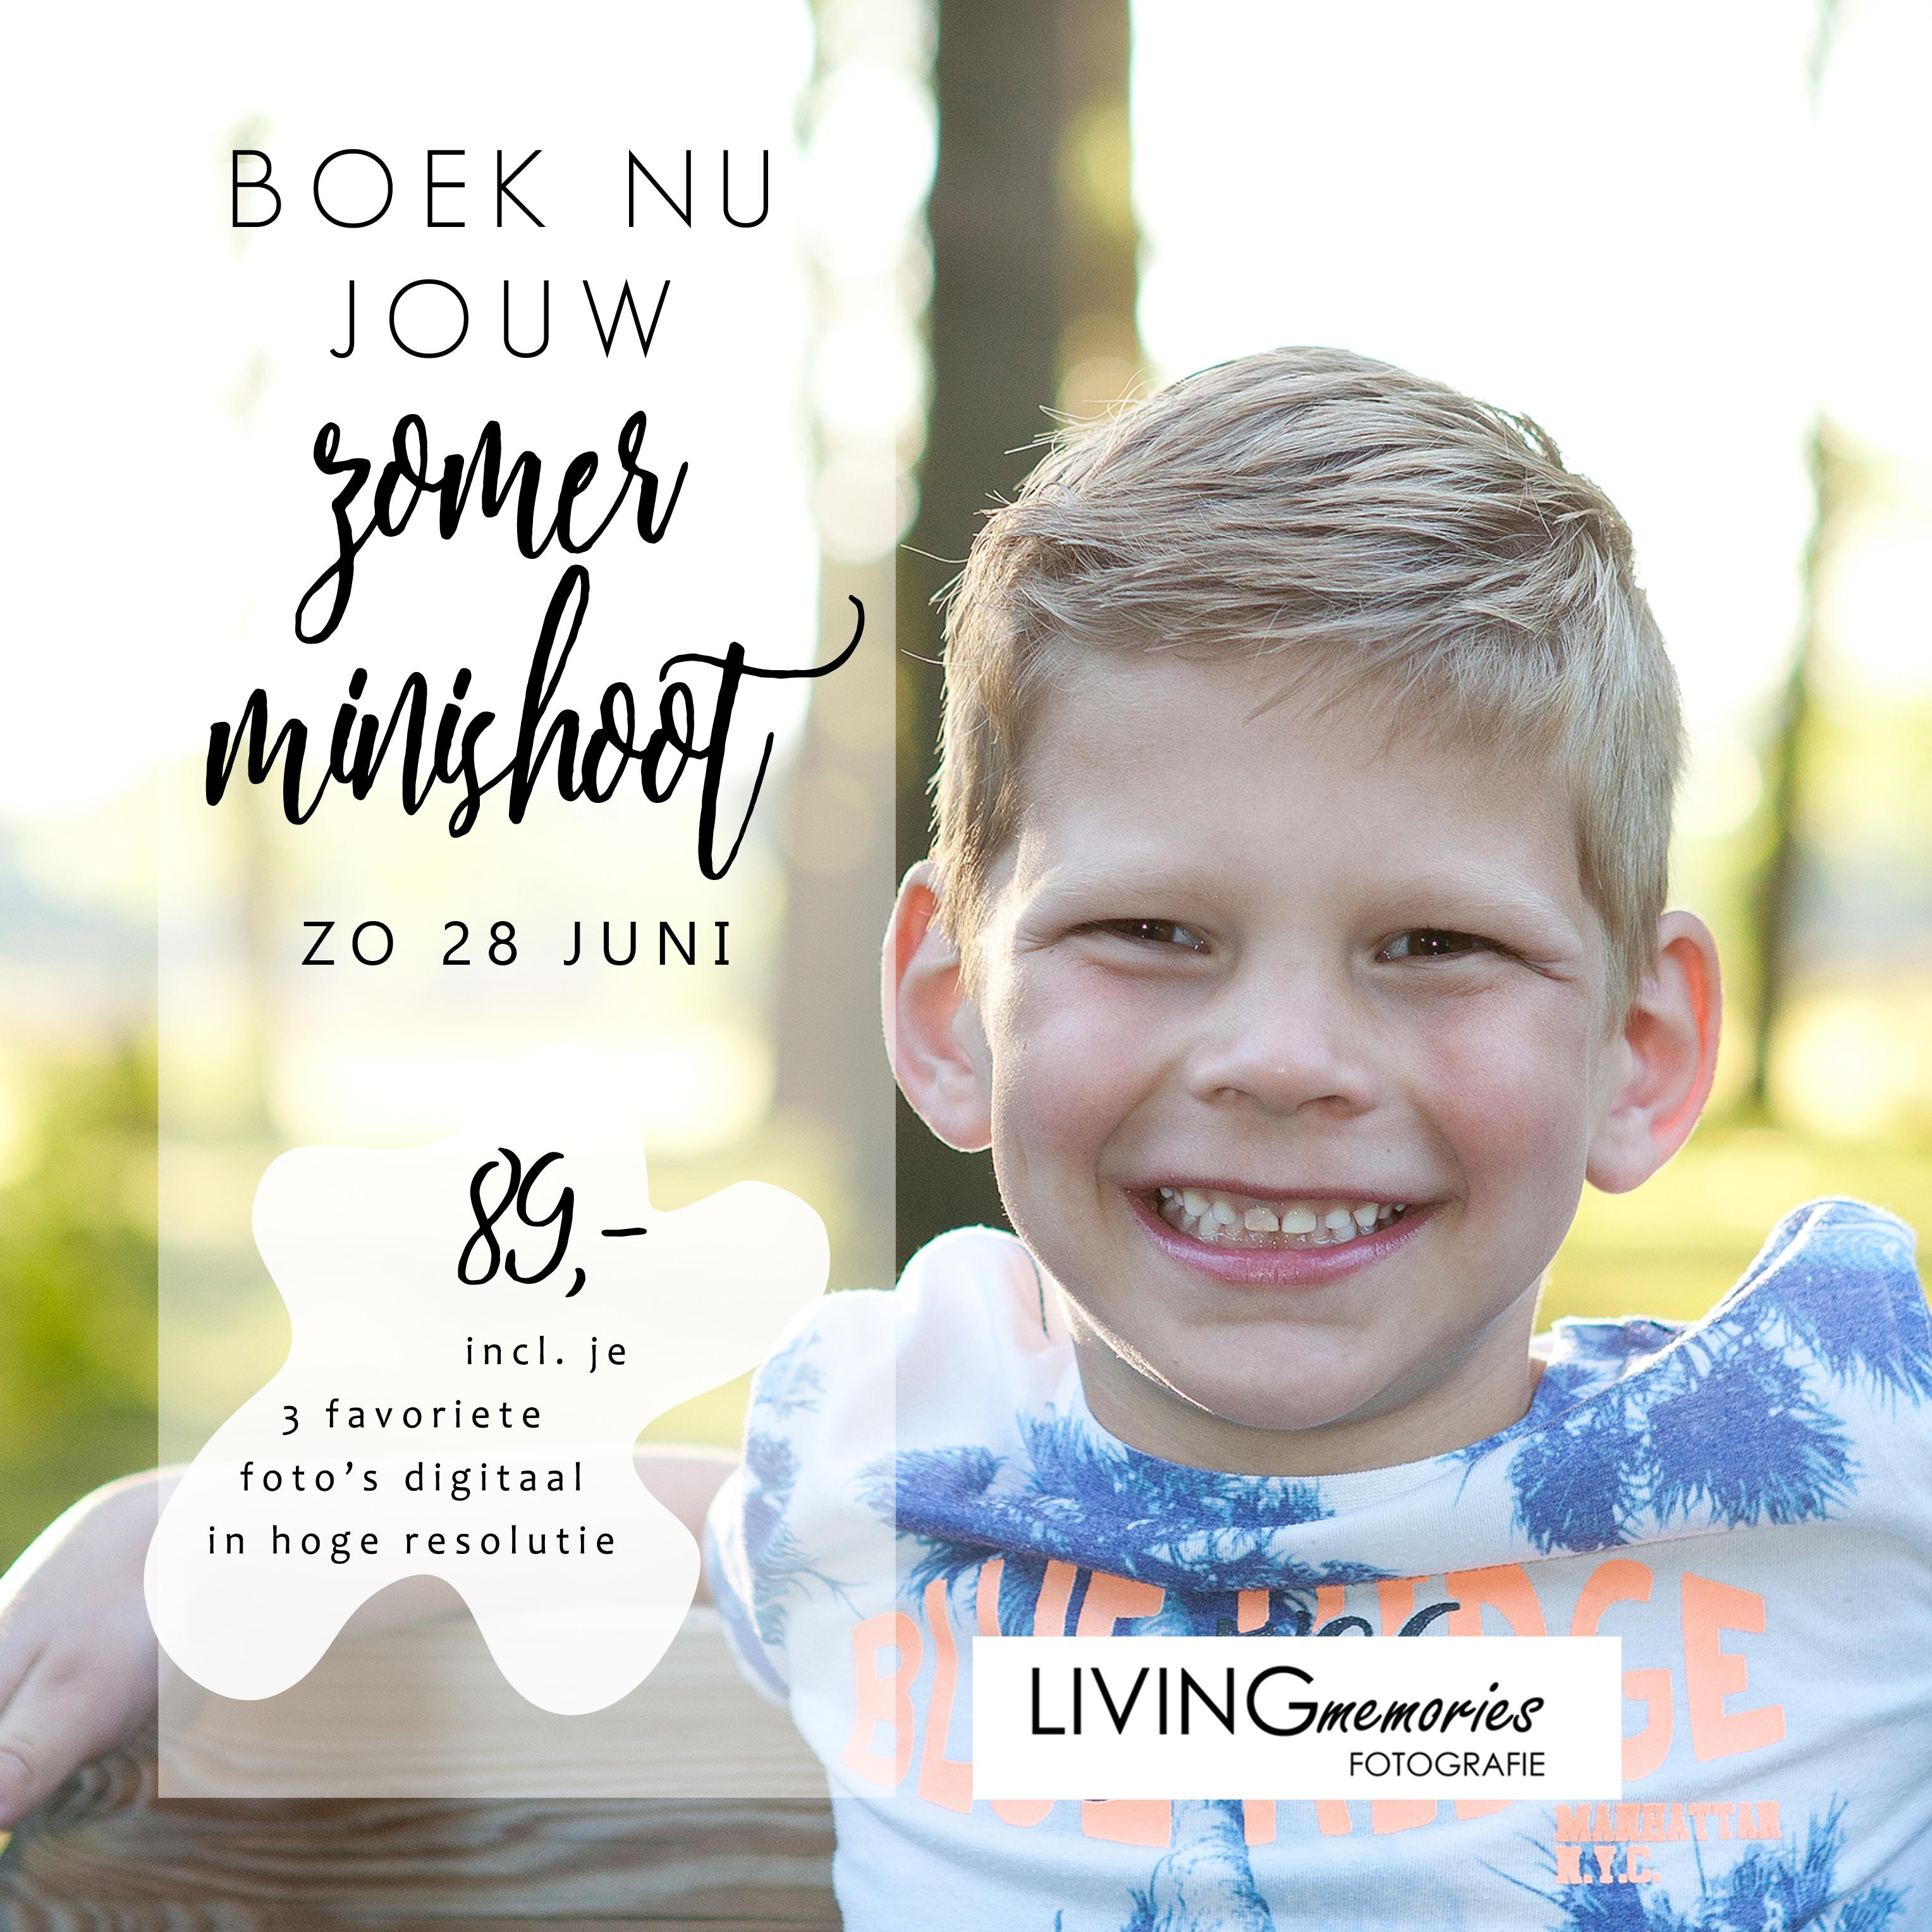 MiniZomerfotoshoots Nieuwkoop LIVINGmemories fotografie